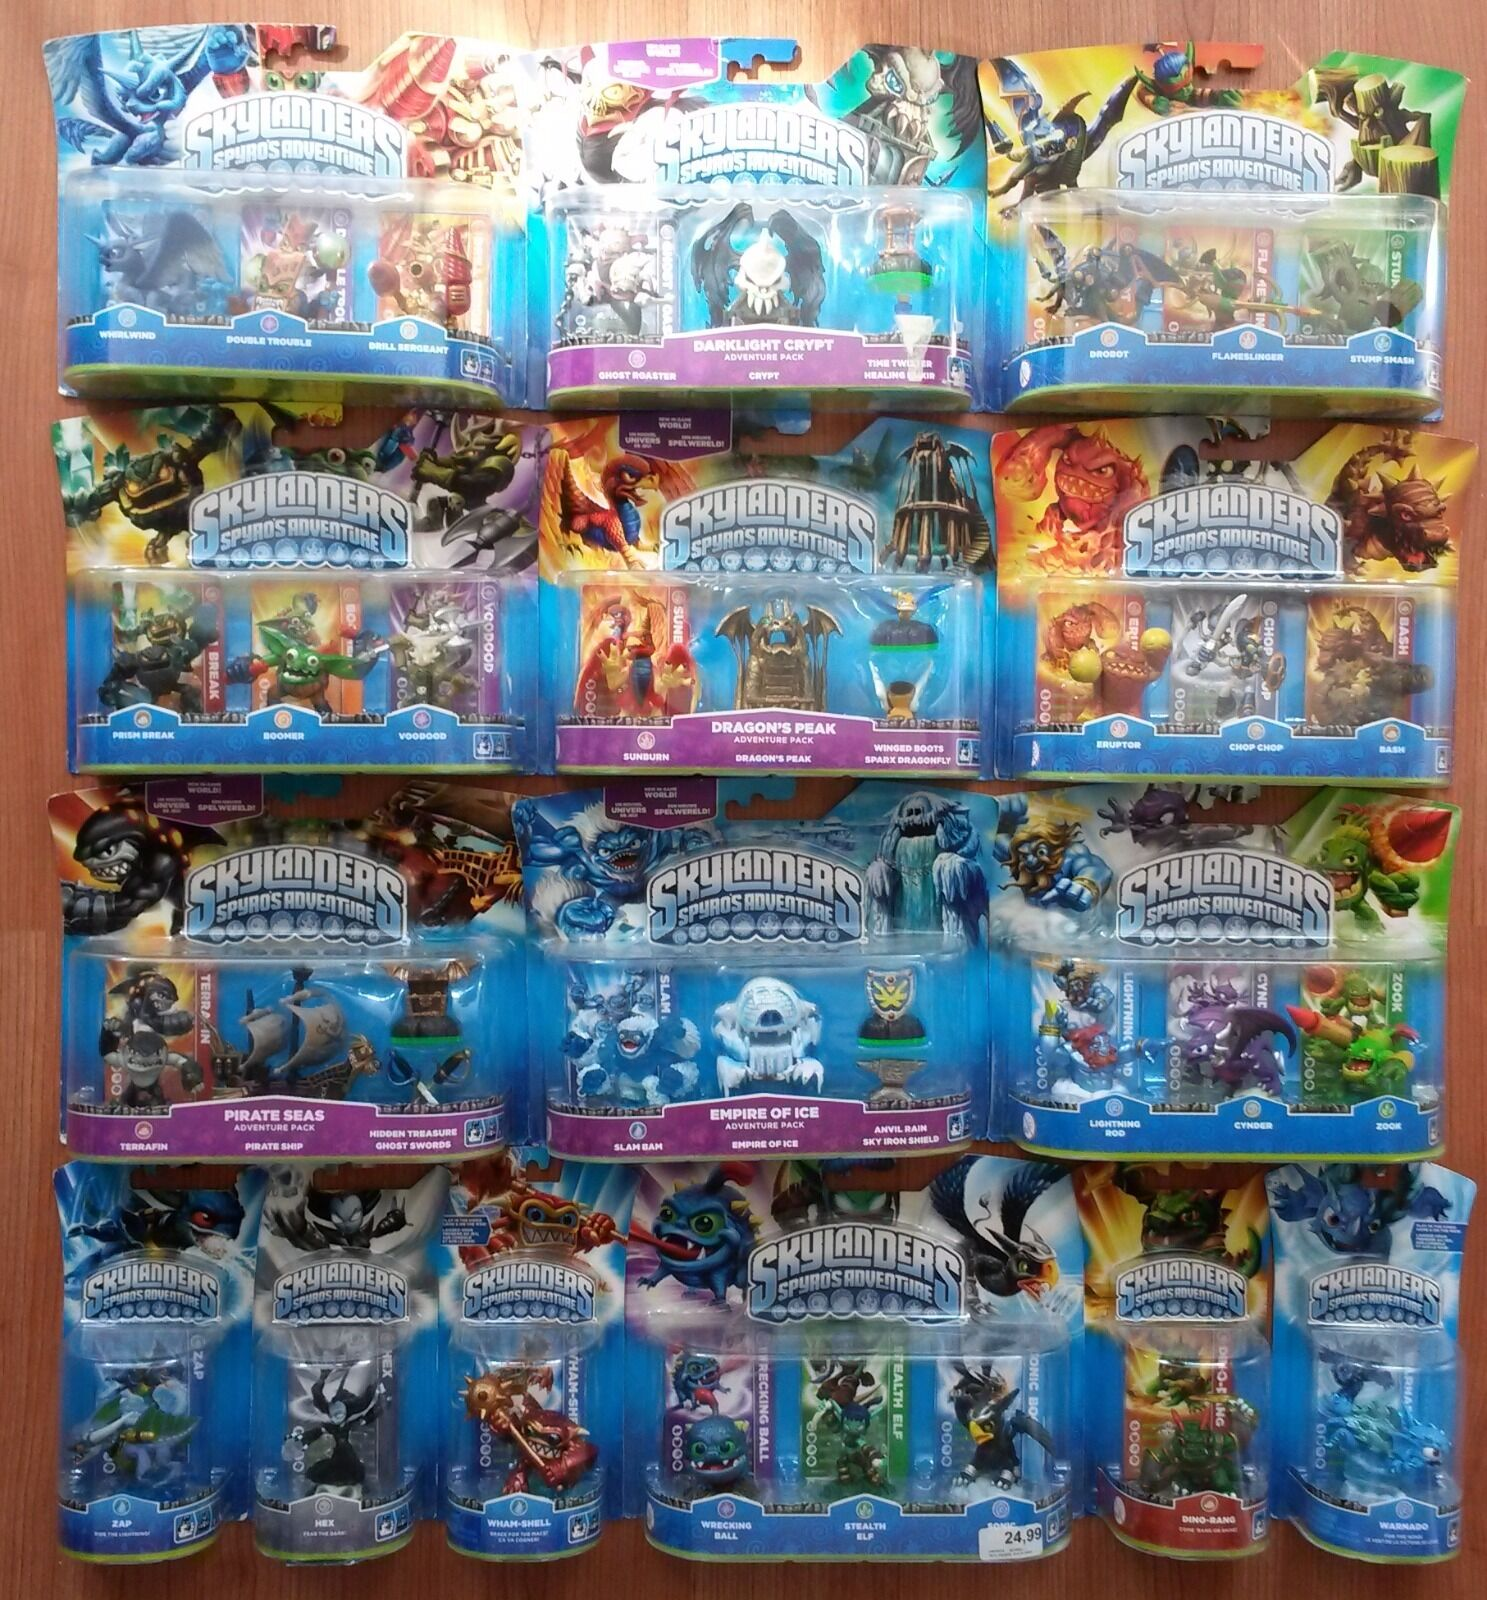 Entrega rápida y envío gratis en todos los pedidos. Skylanders Spyro's Adventure Huge Complete Set with with with 1 Limited Editions - Rare  forma única